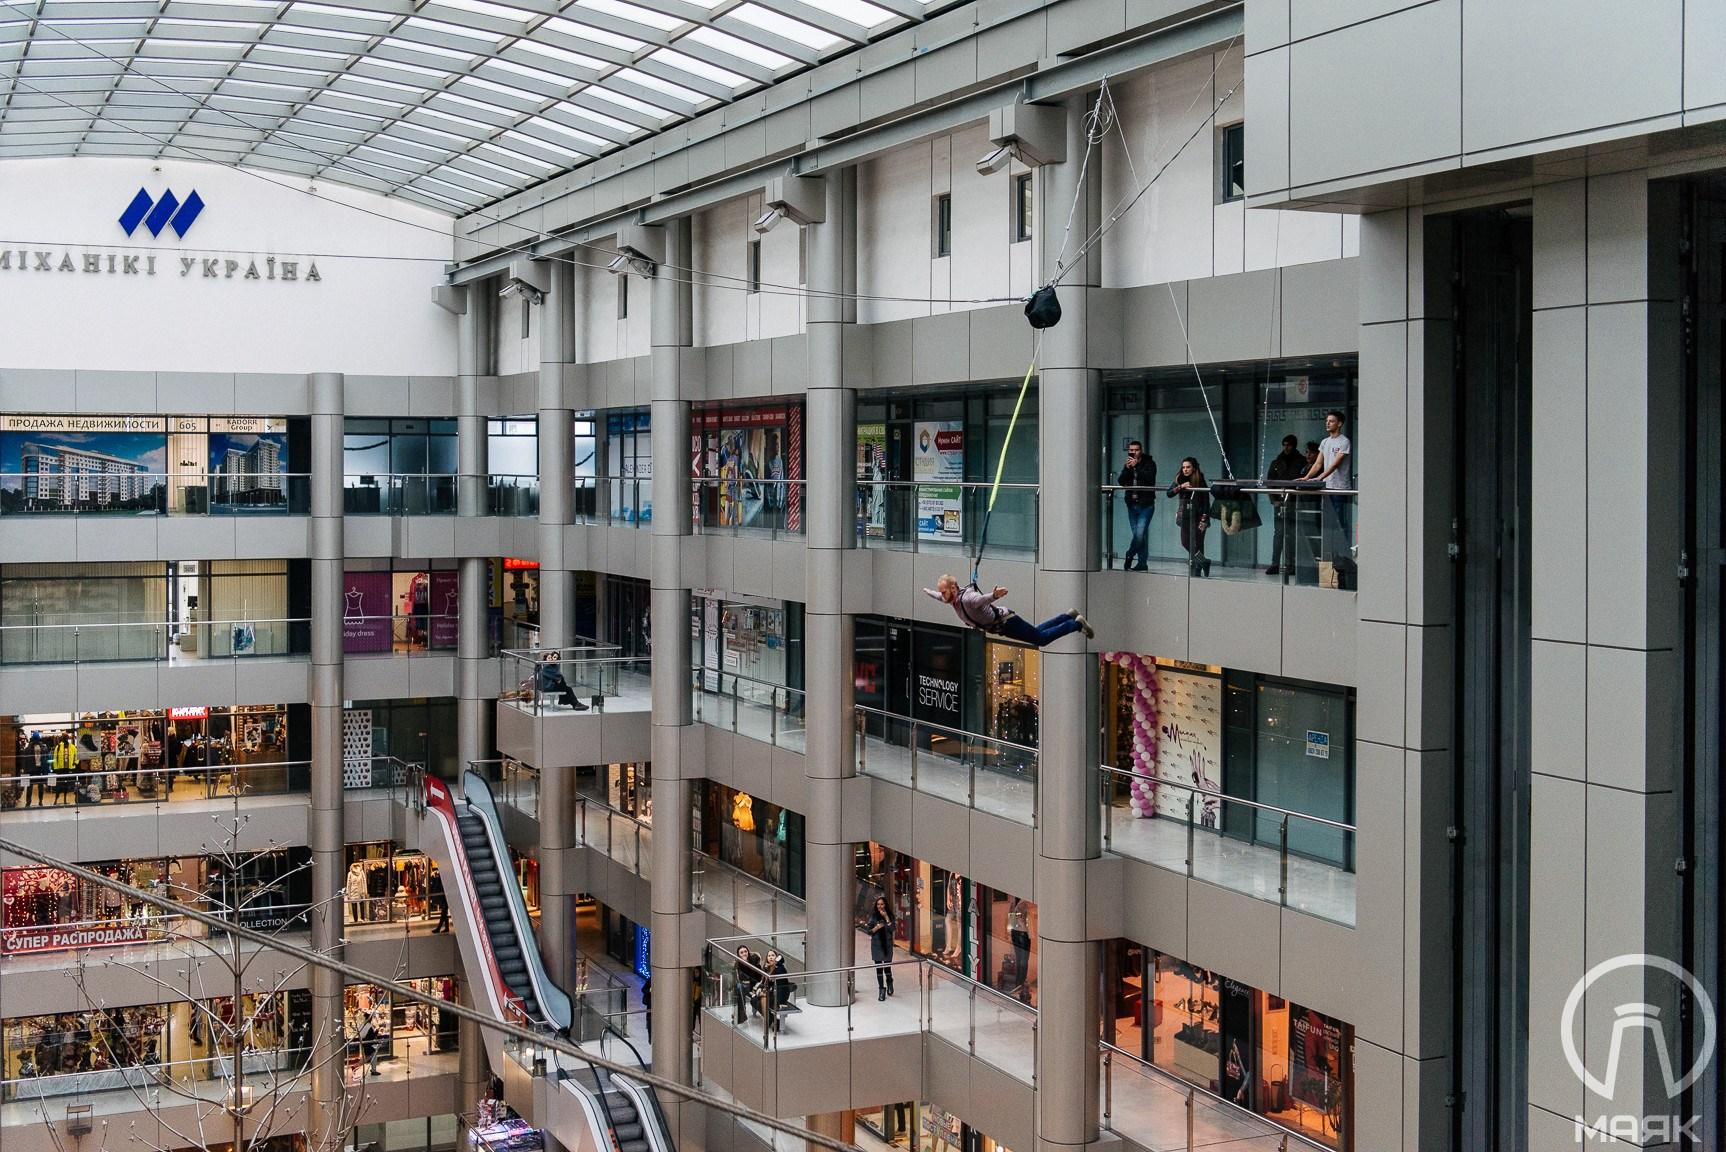 В Одессе можно за деньги прыгнуть с шестого этажа торгового центра